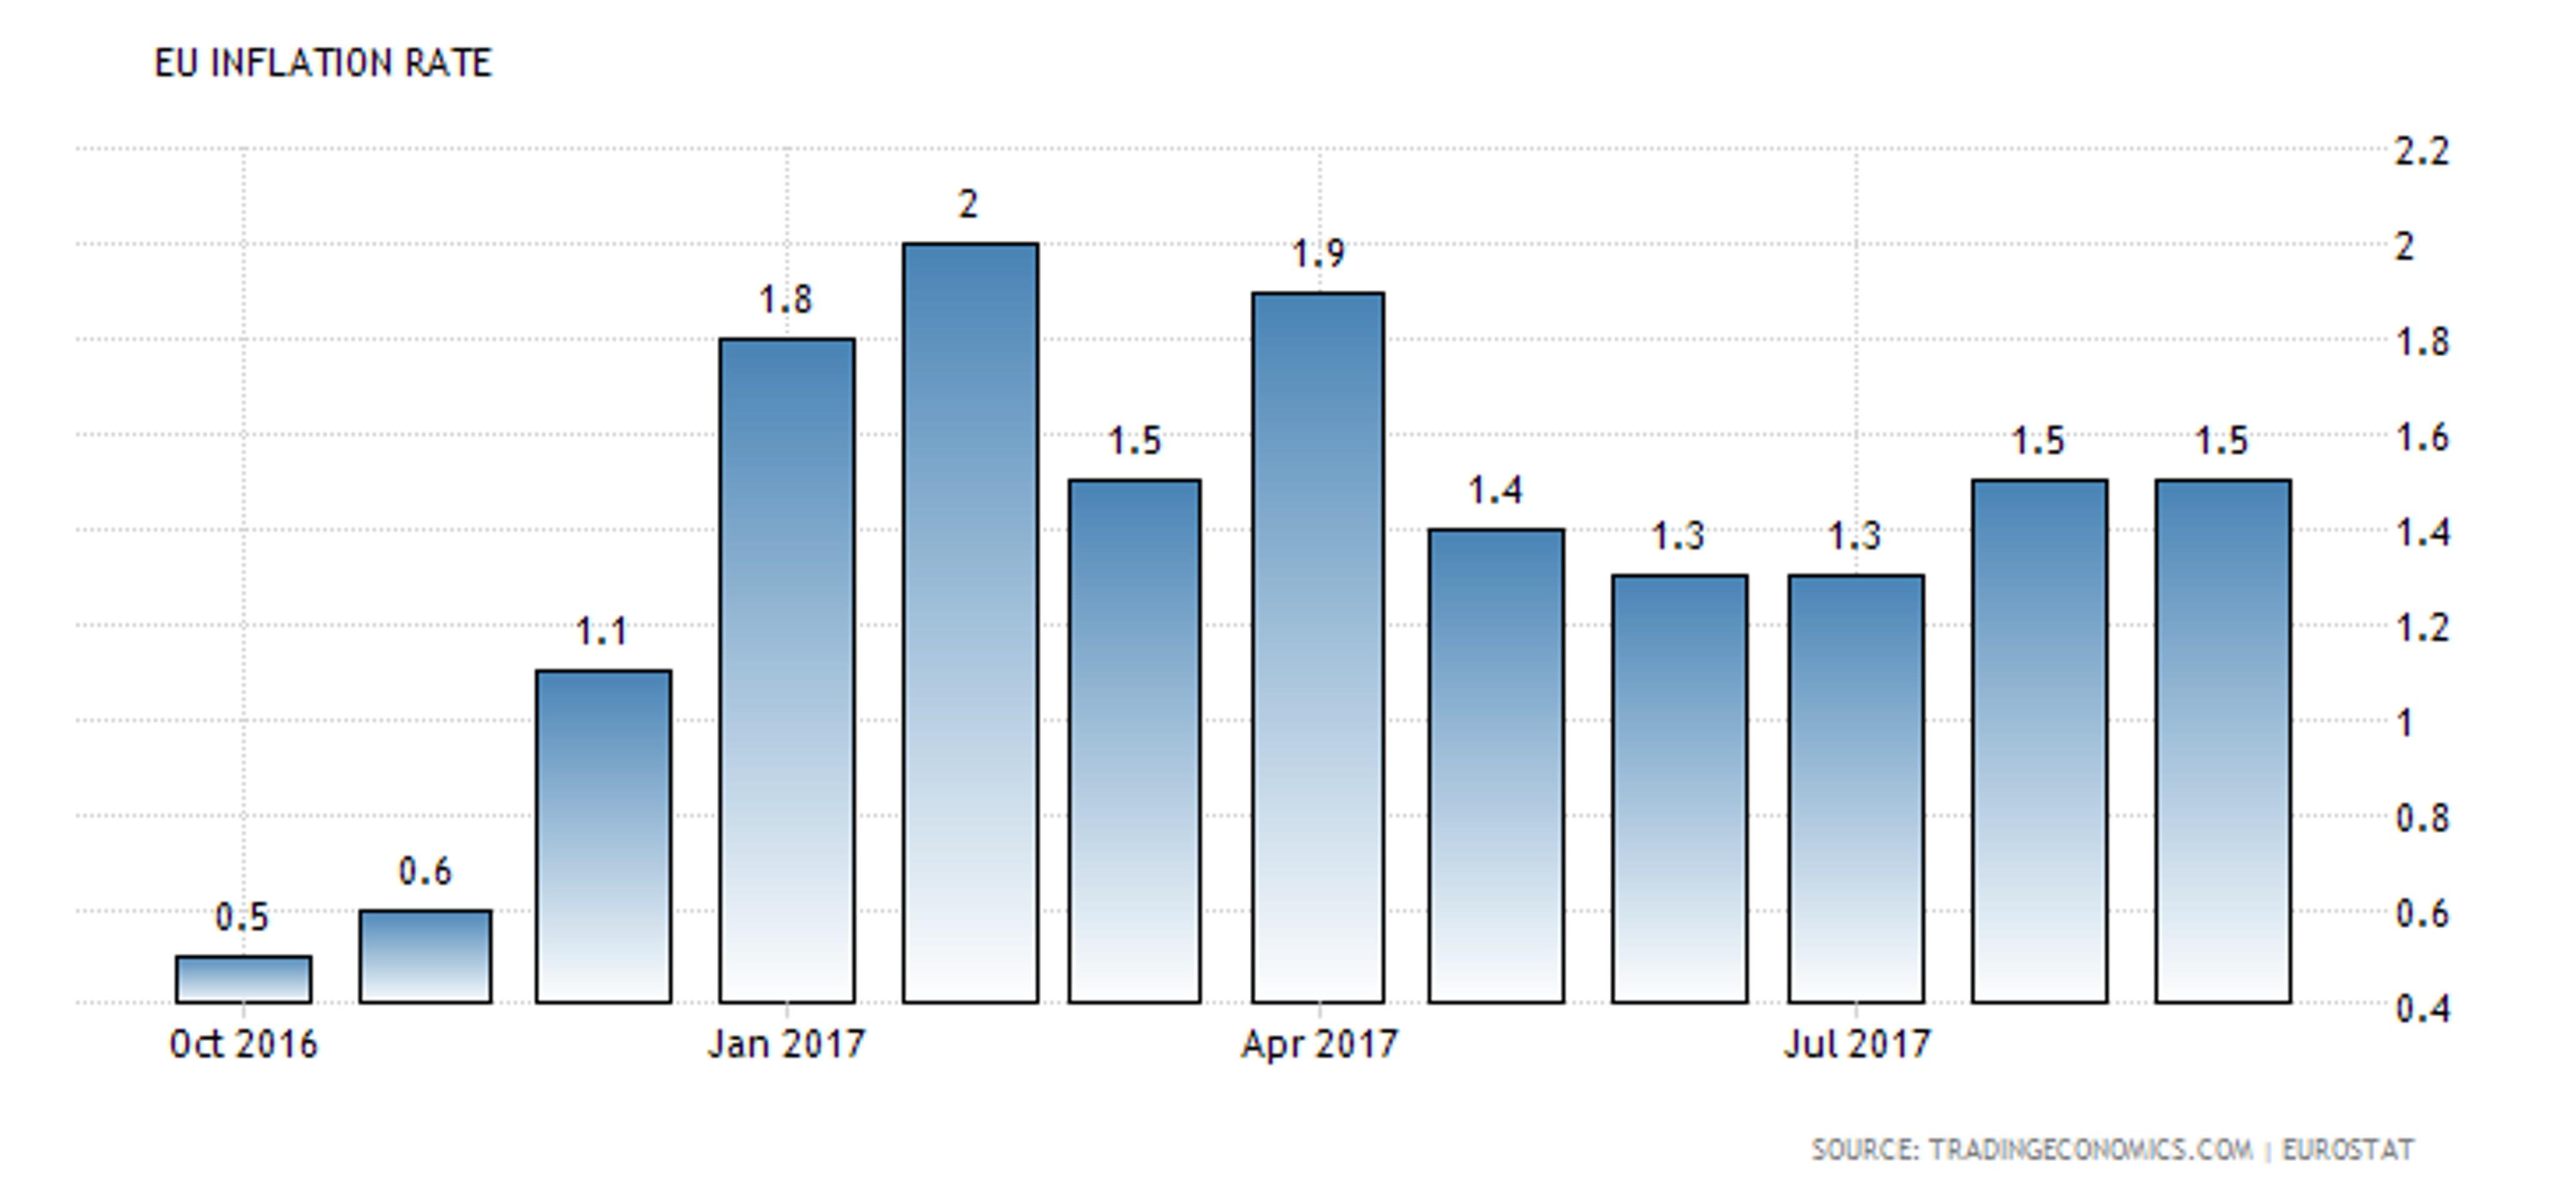 ЕЦБ не хочет отвязывать свою политику от инфляции